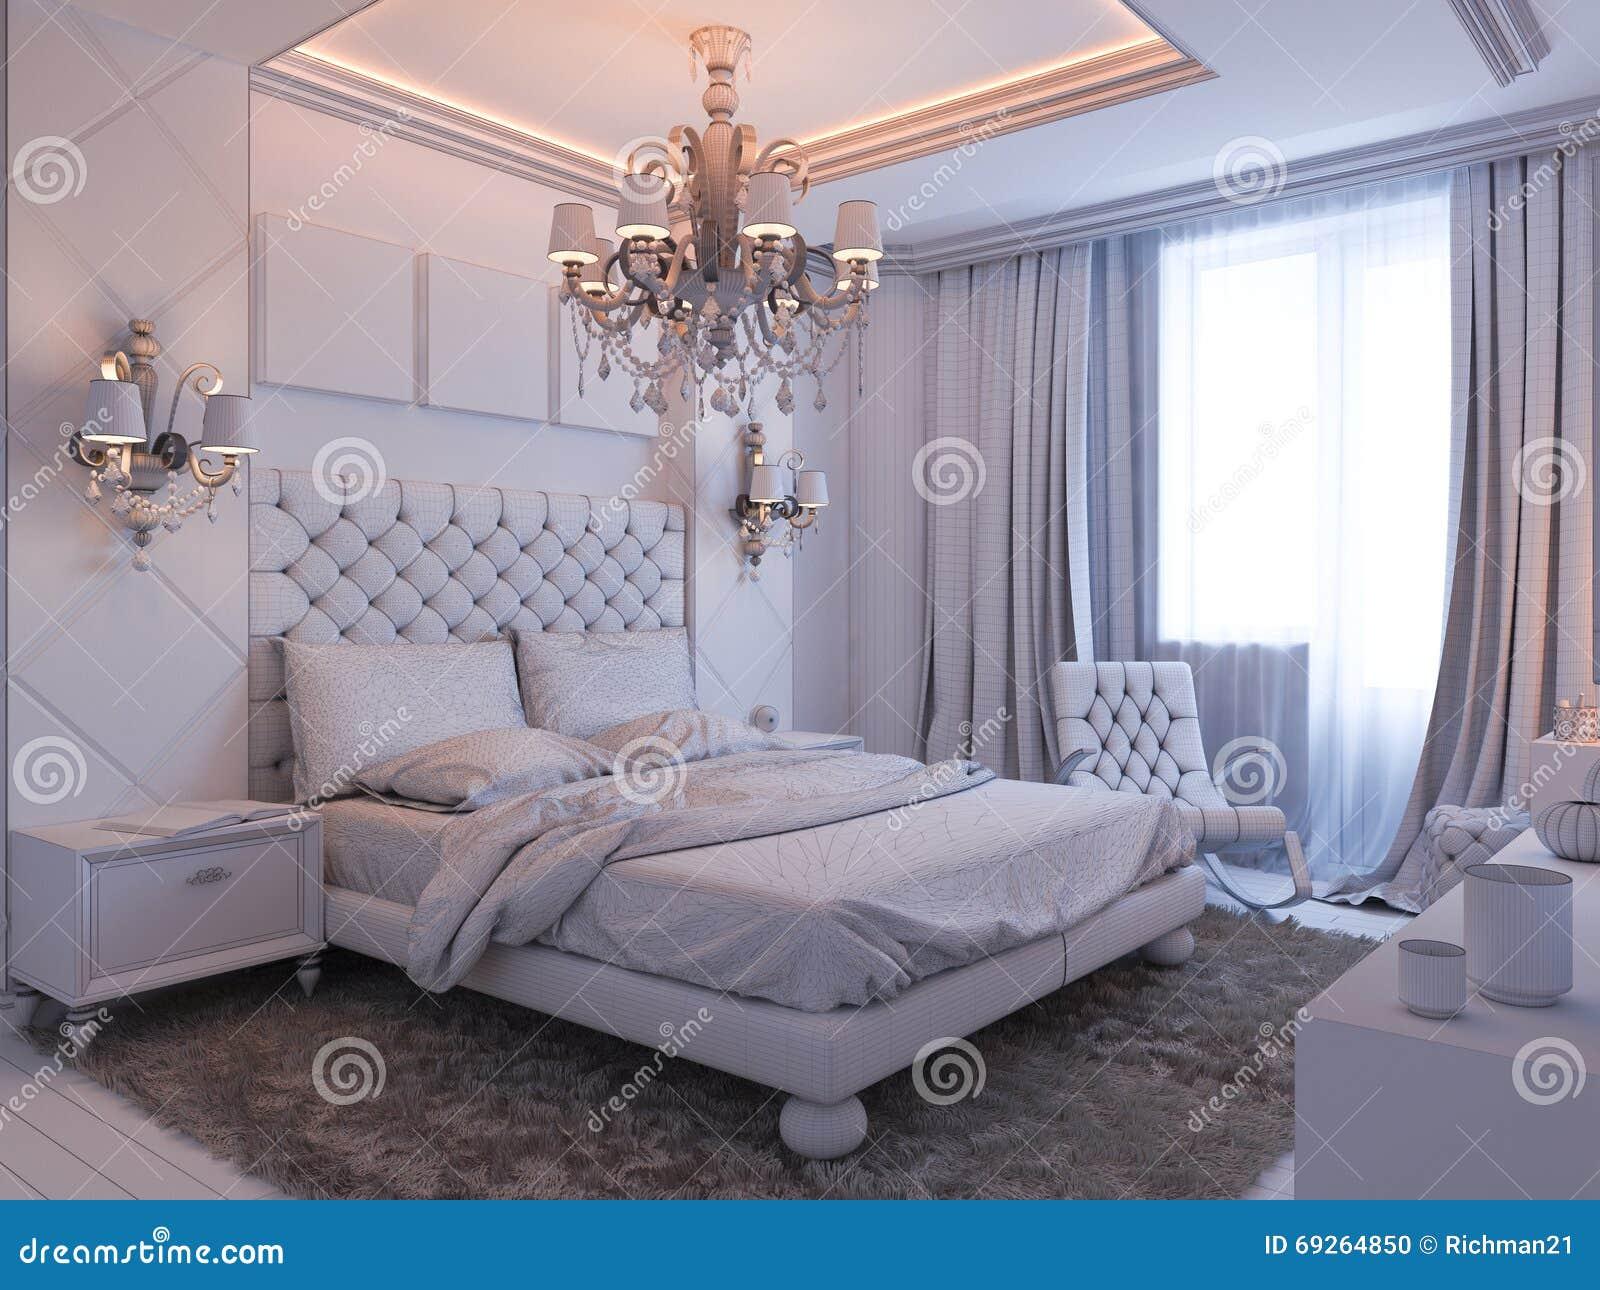 Moderne Slaapkamer Ontwerpen : D geef van slaapkamer binnenlands ontwerp in een moderne